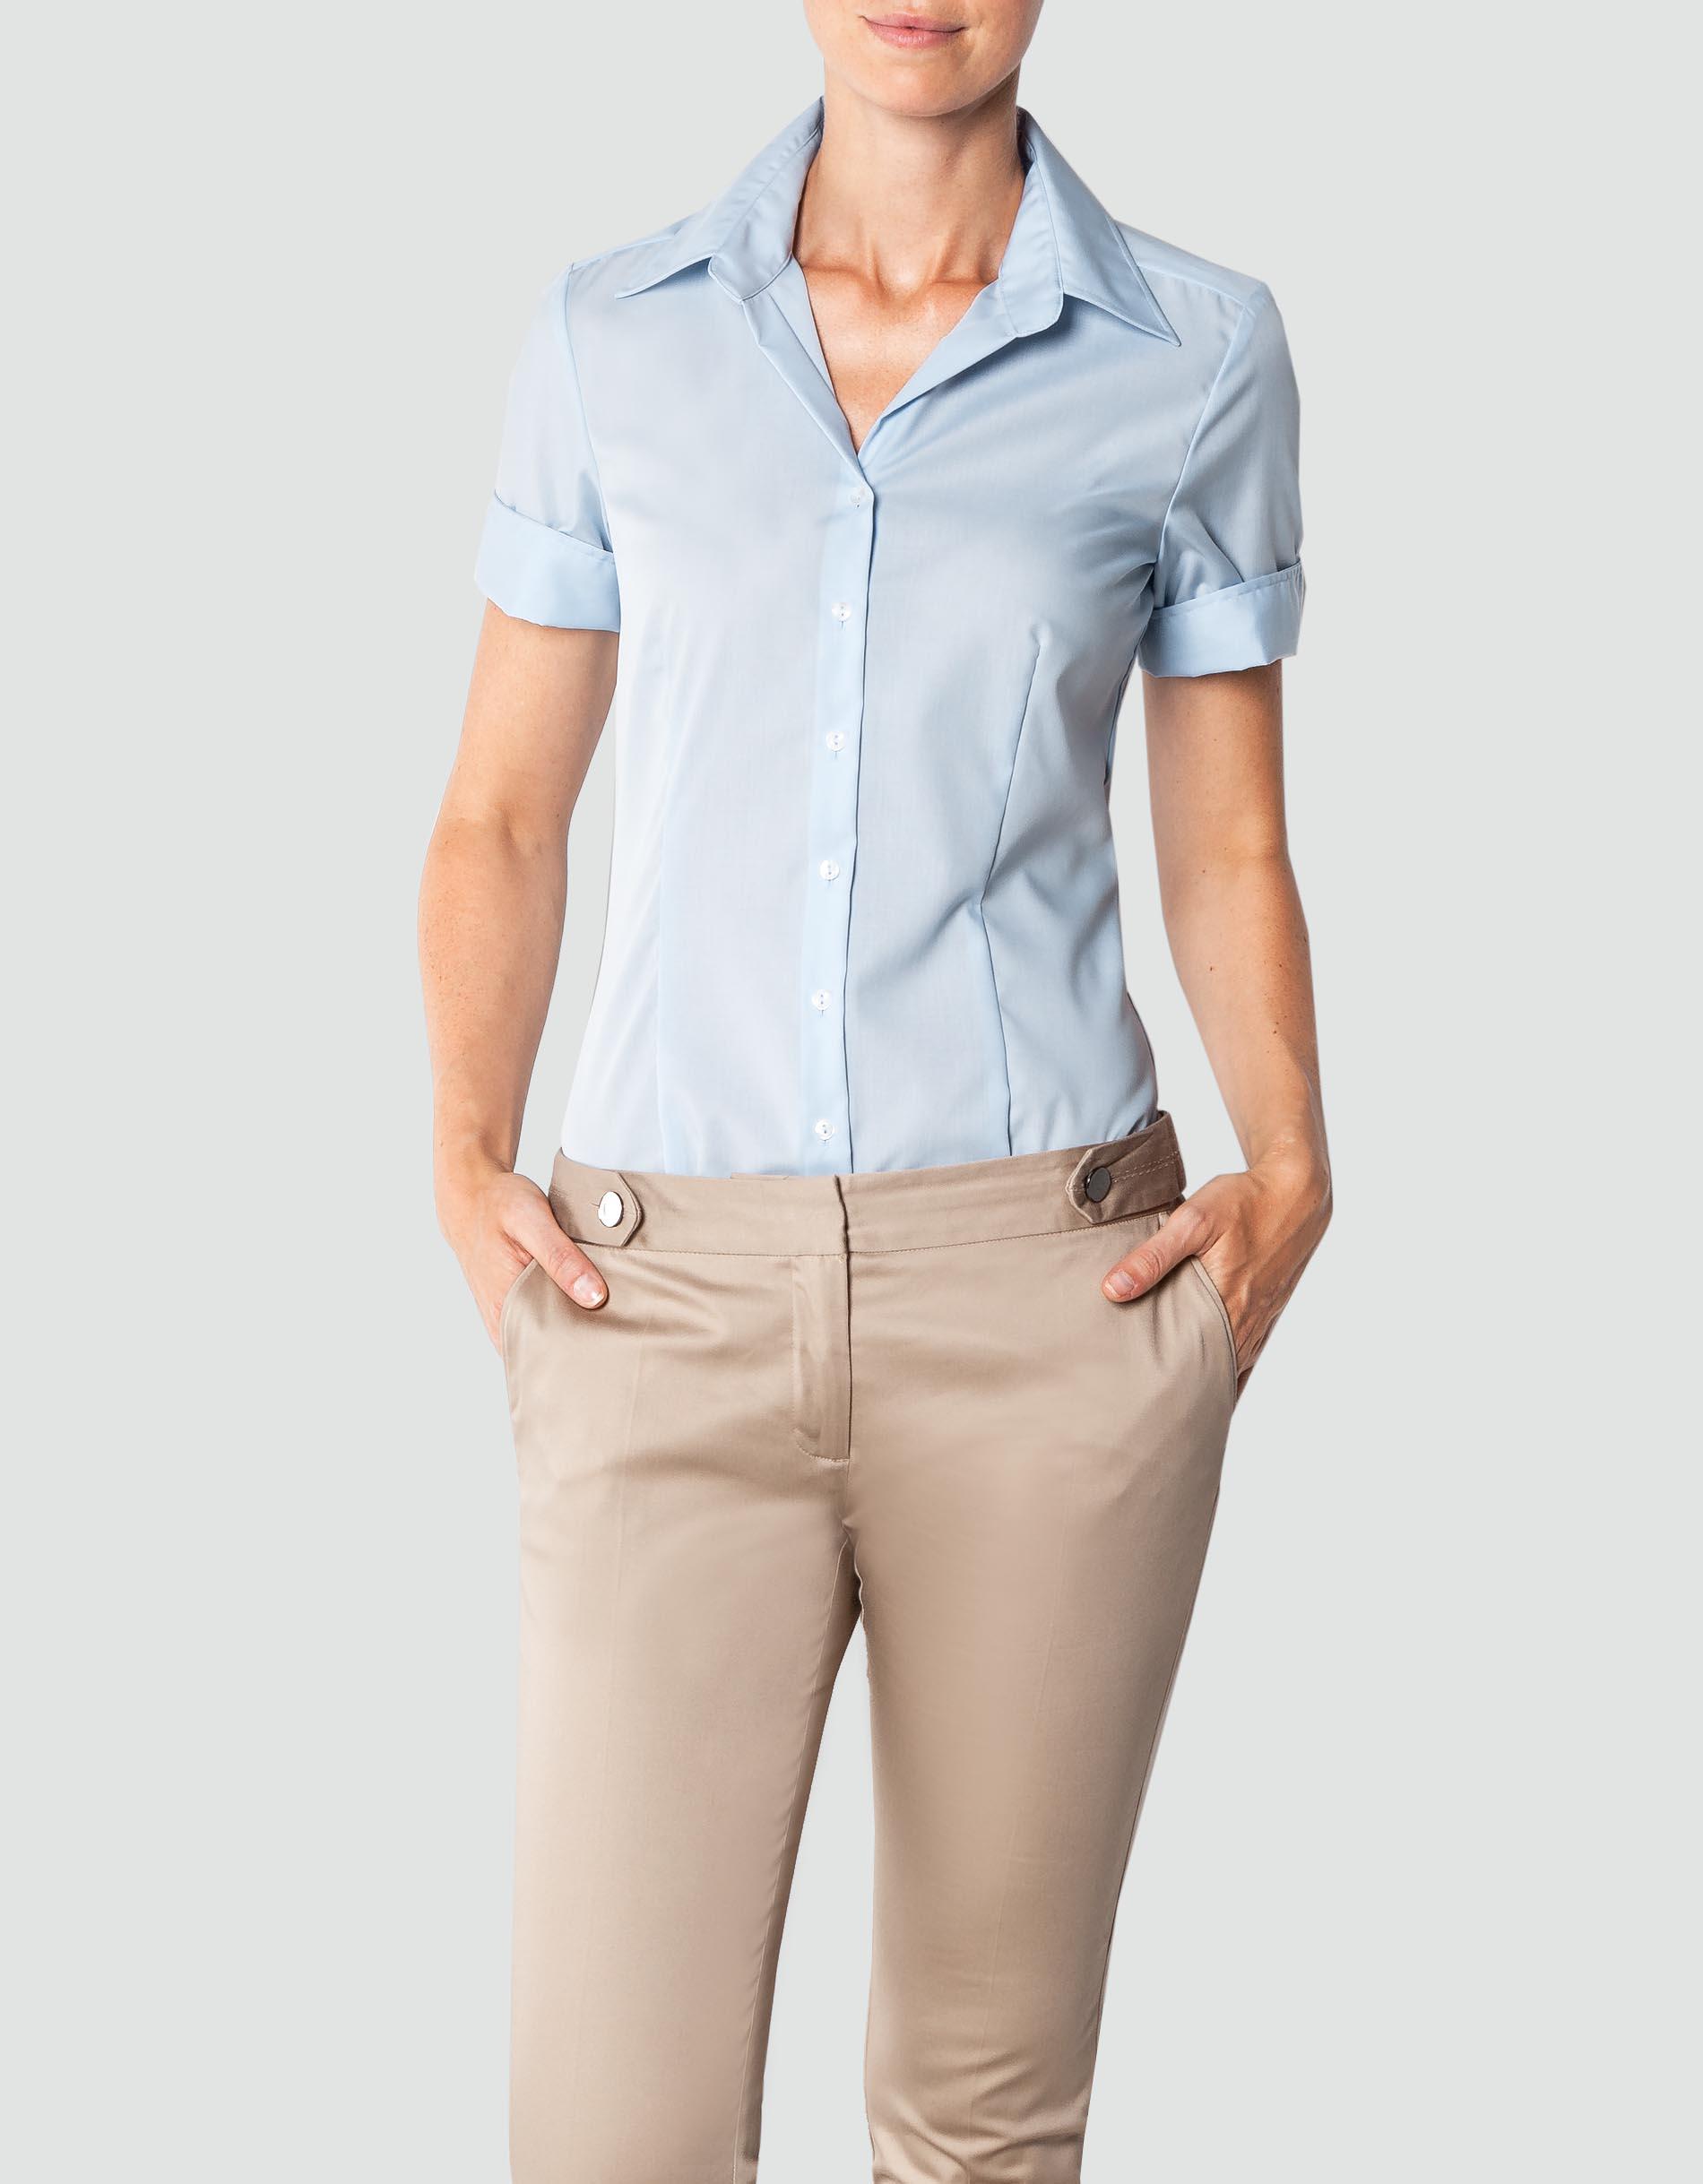 a2c370dd4dbc Seidensticker Damen Bluse Modern mit kurzem Arm empfohlen von Deinen  Schwestern